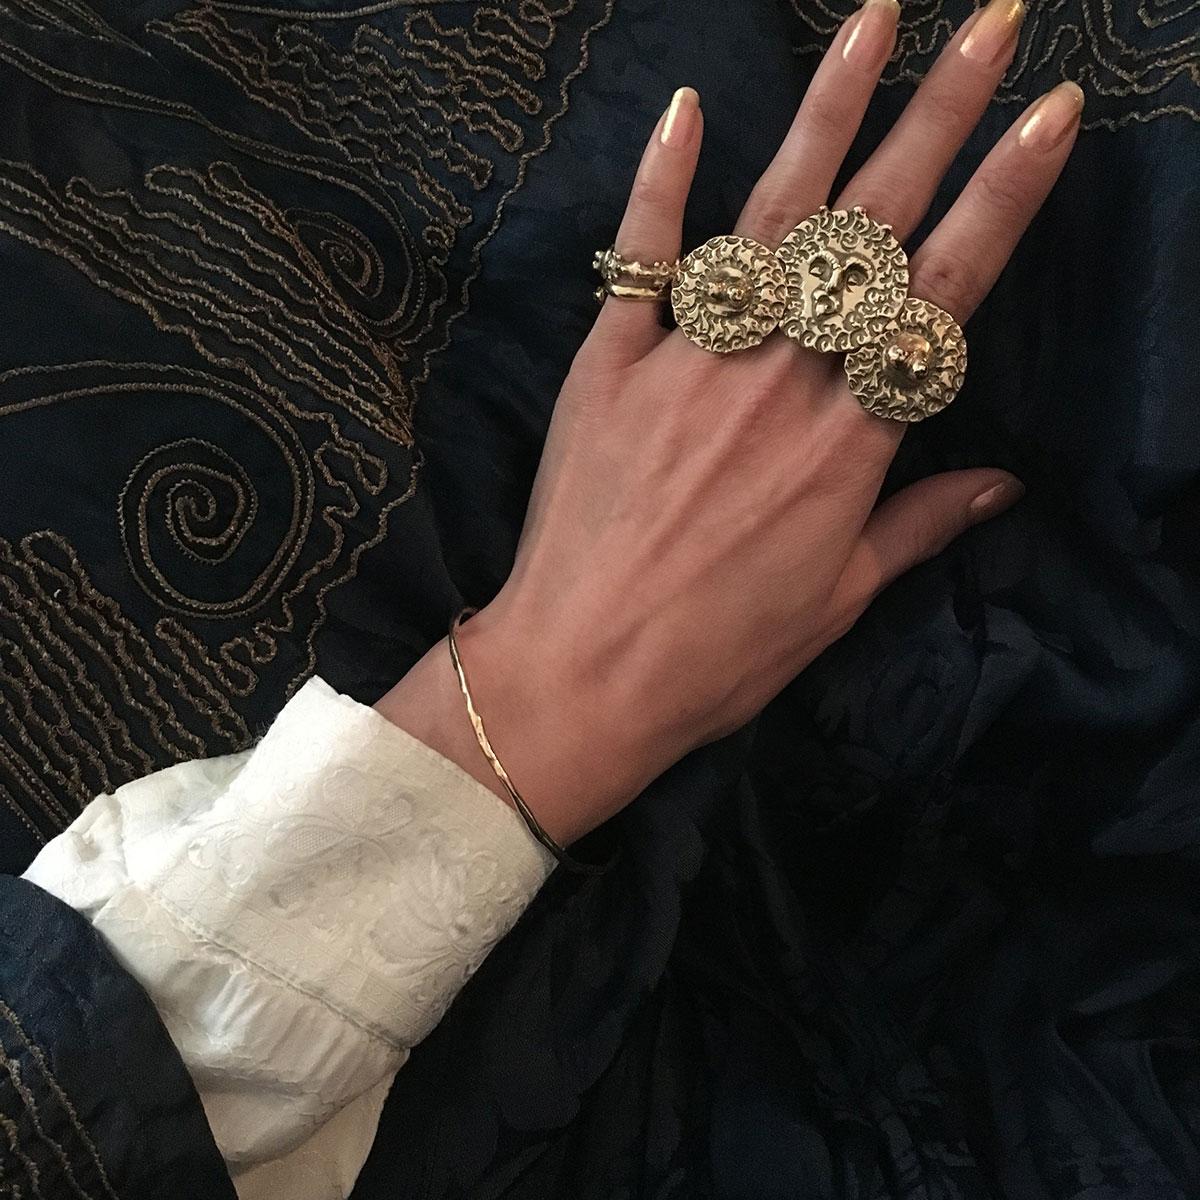 Jewels by Joanne Burke